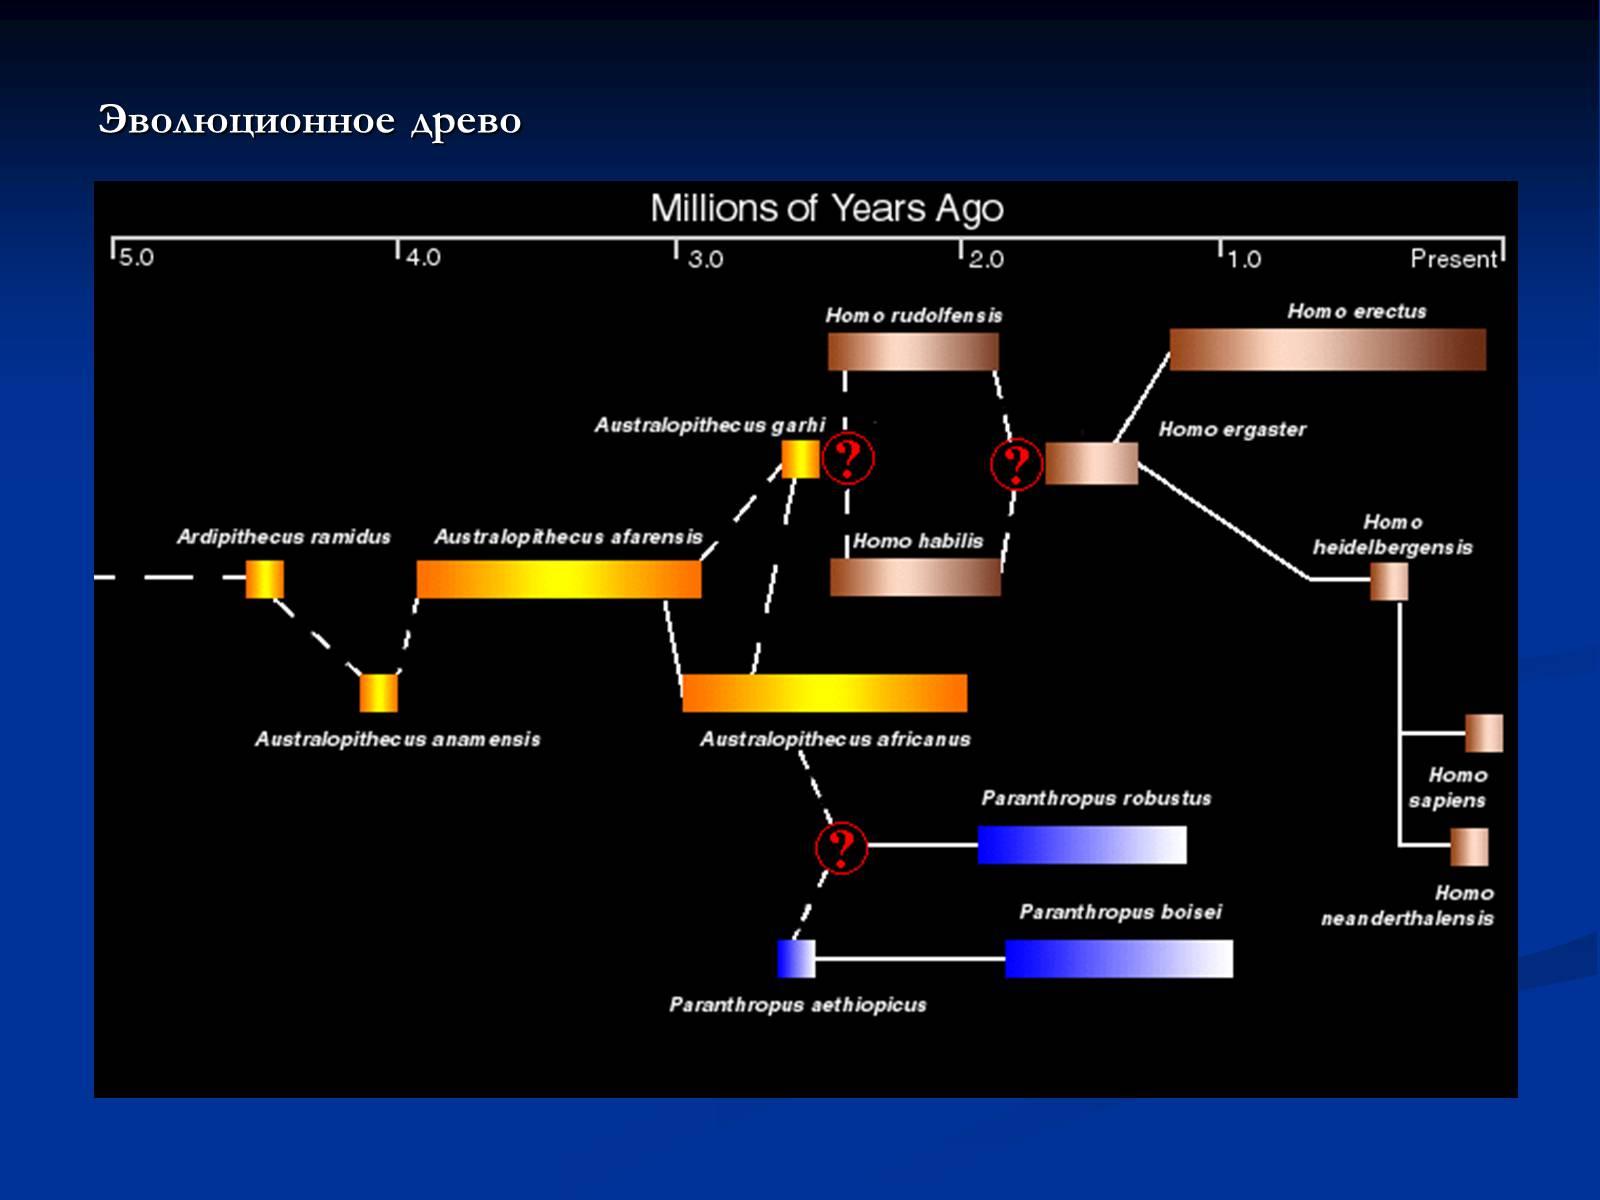 Эволюционное древо человека схема